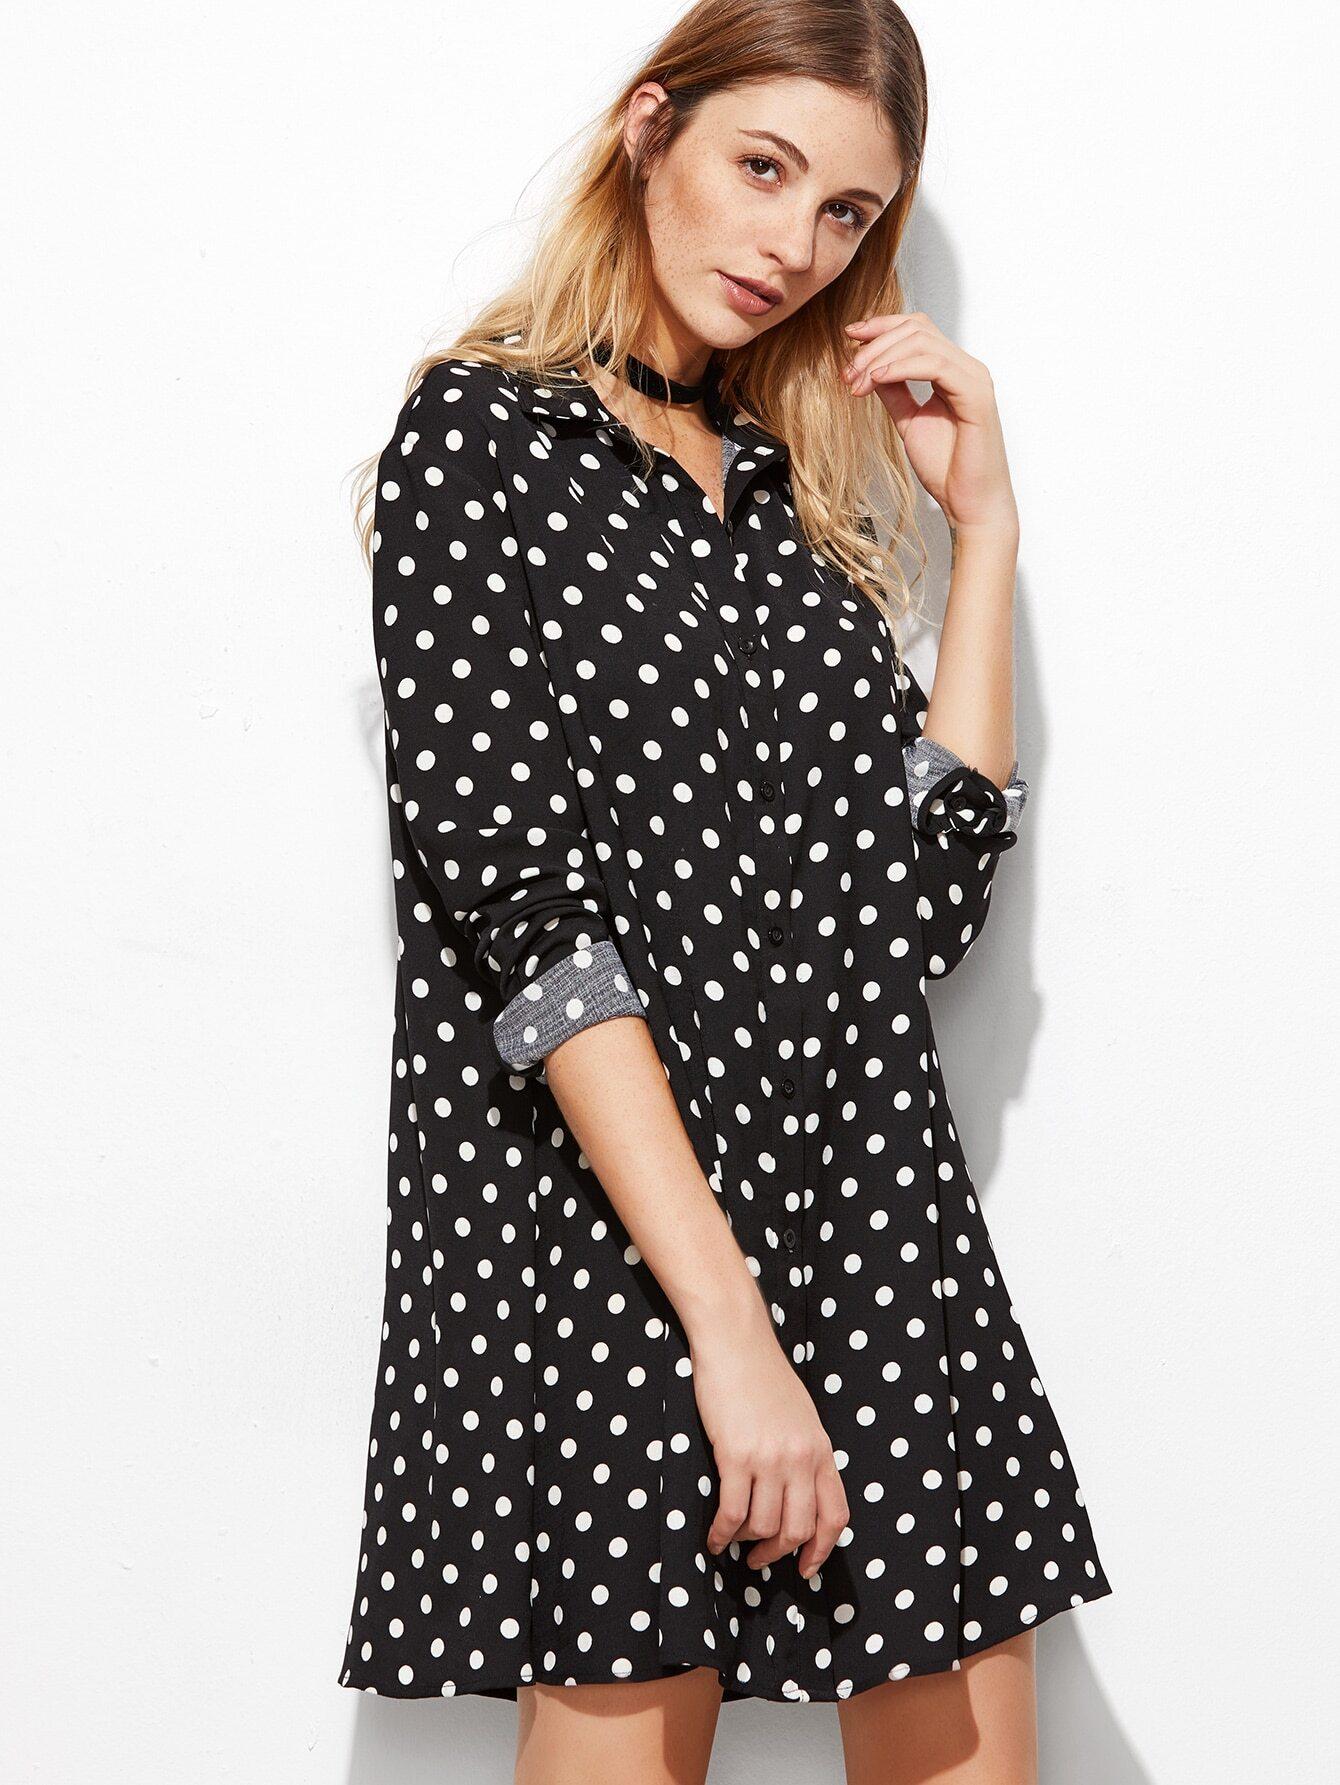 dress161026706_2